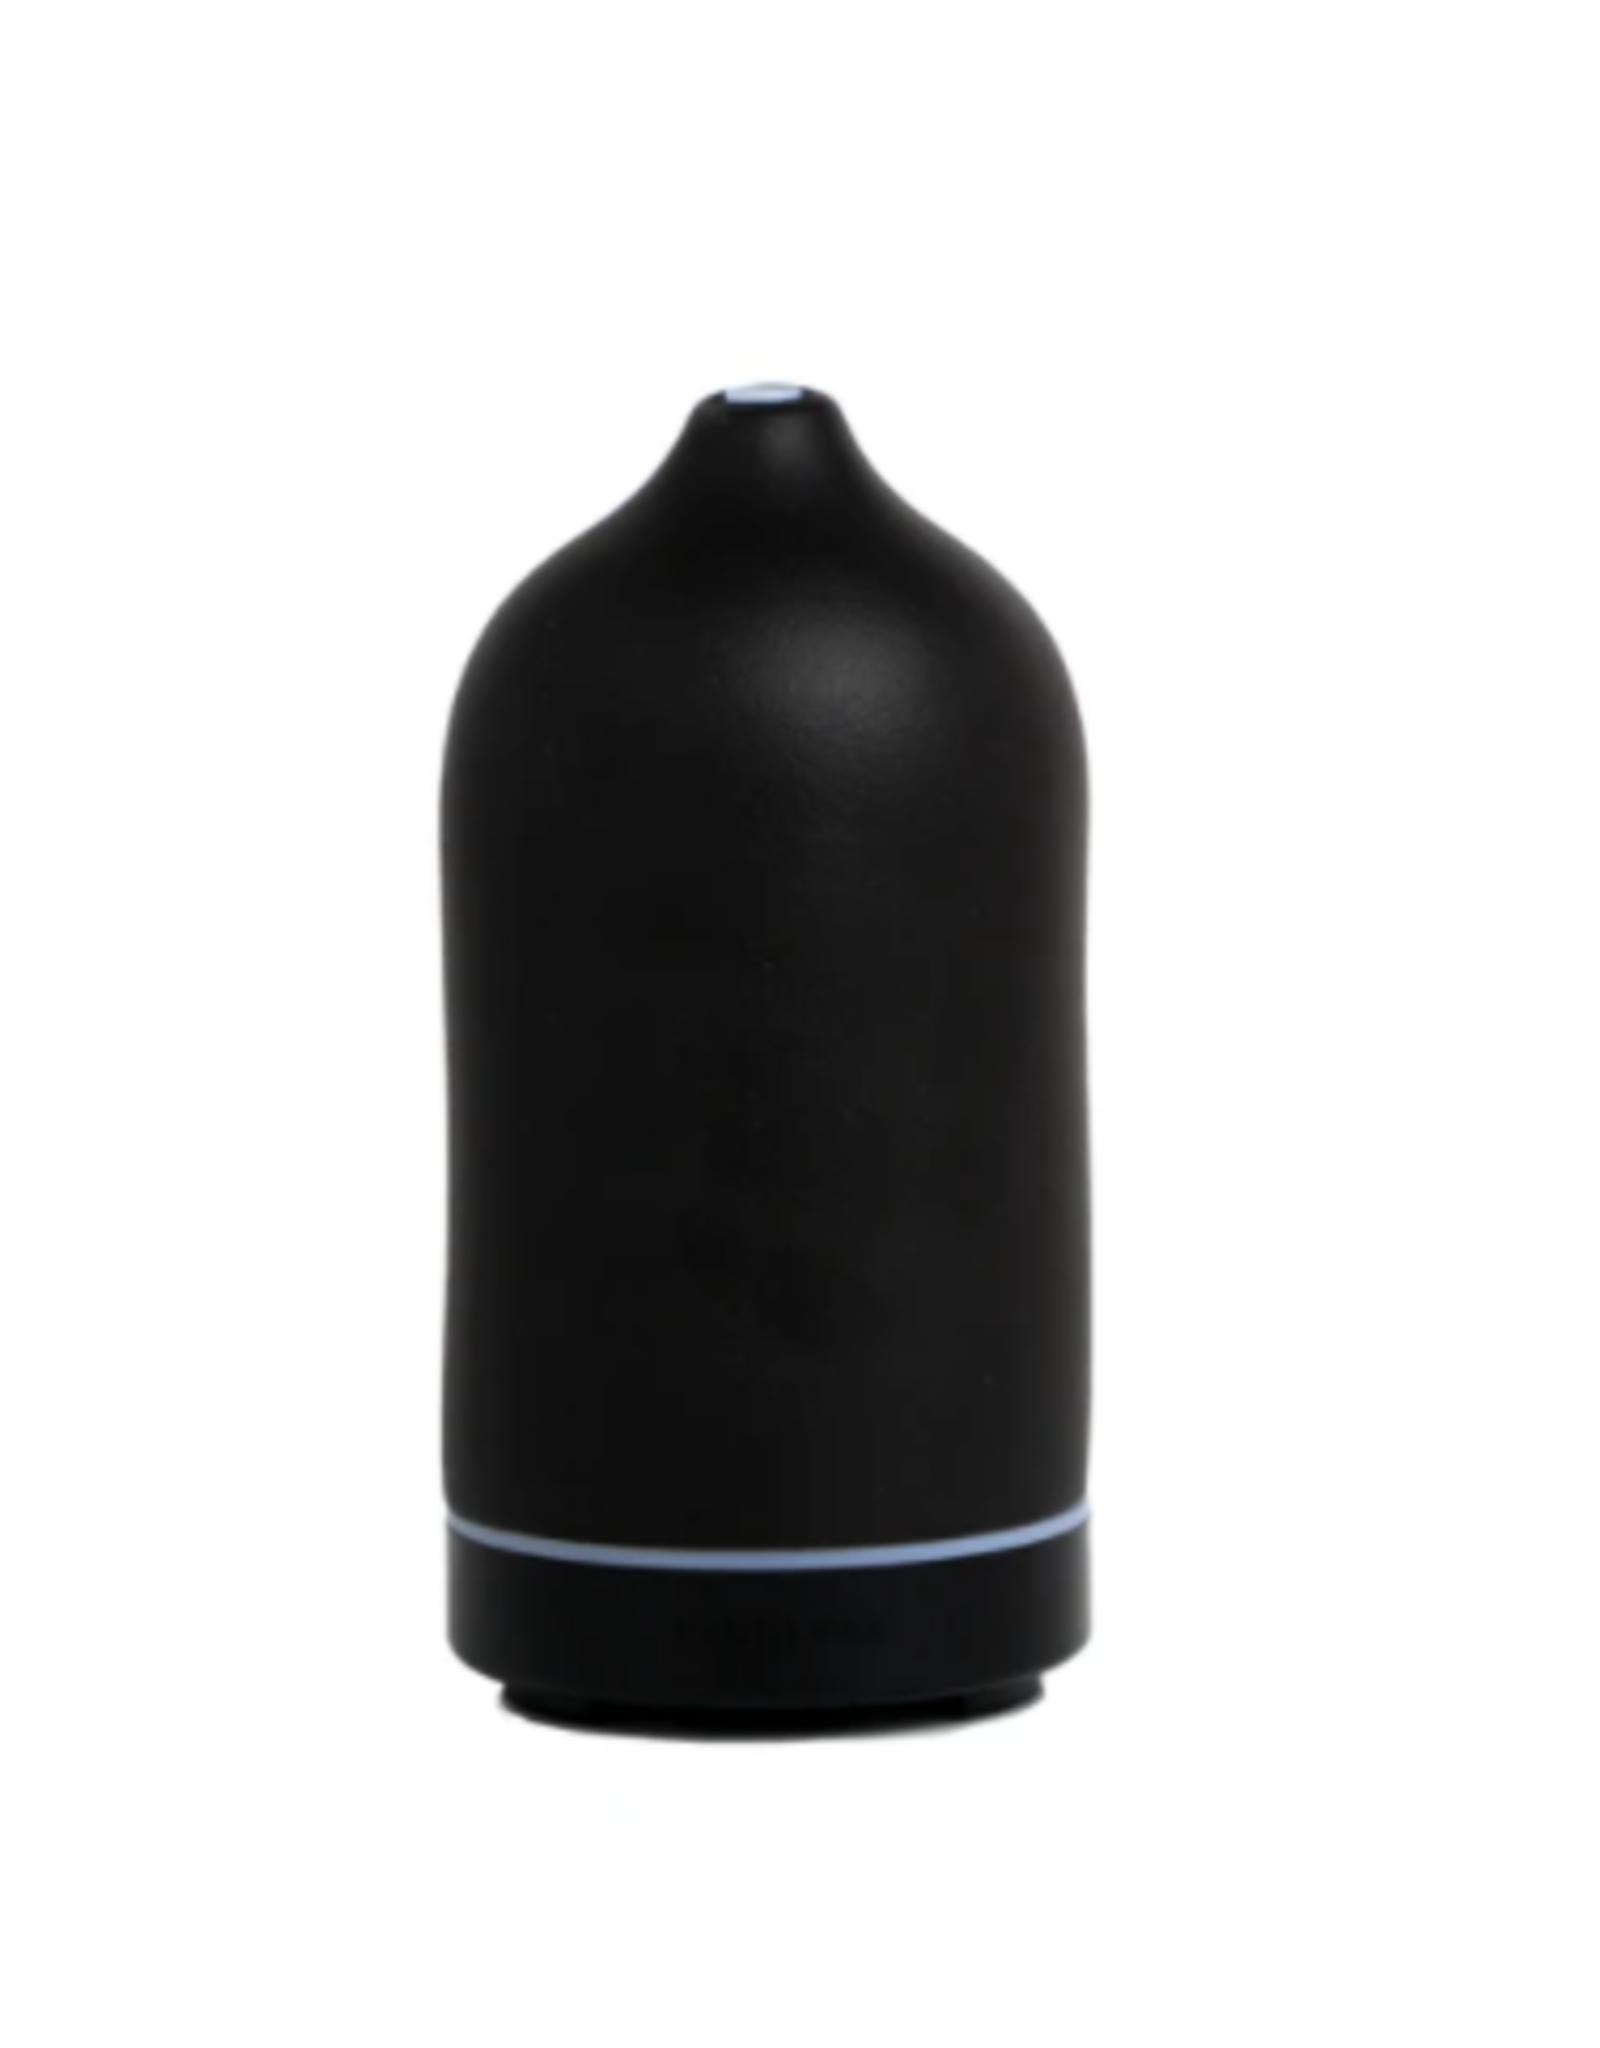 Ceramic Electric Diffuser